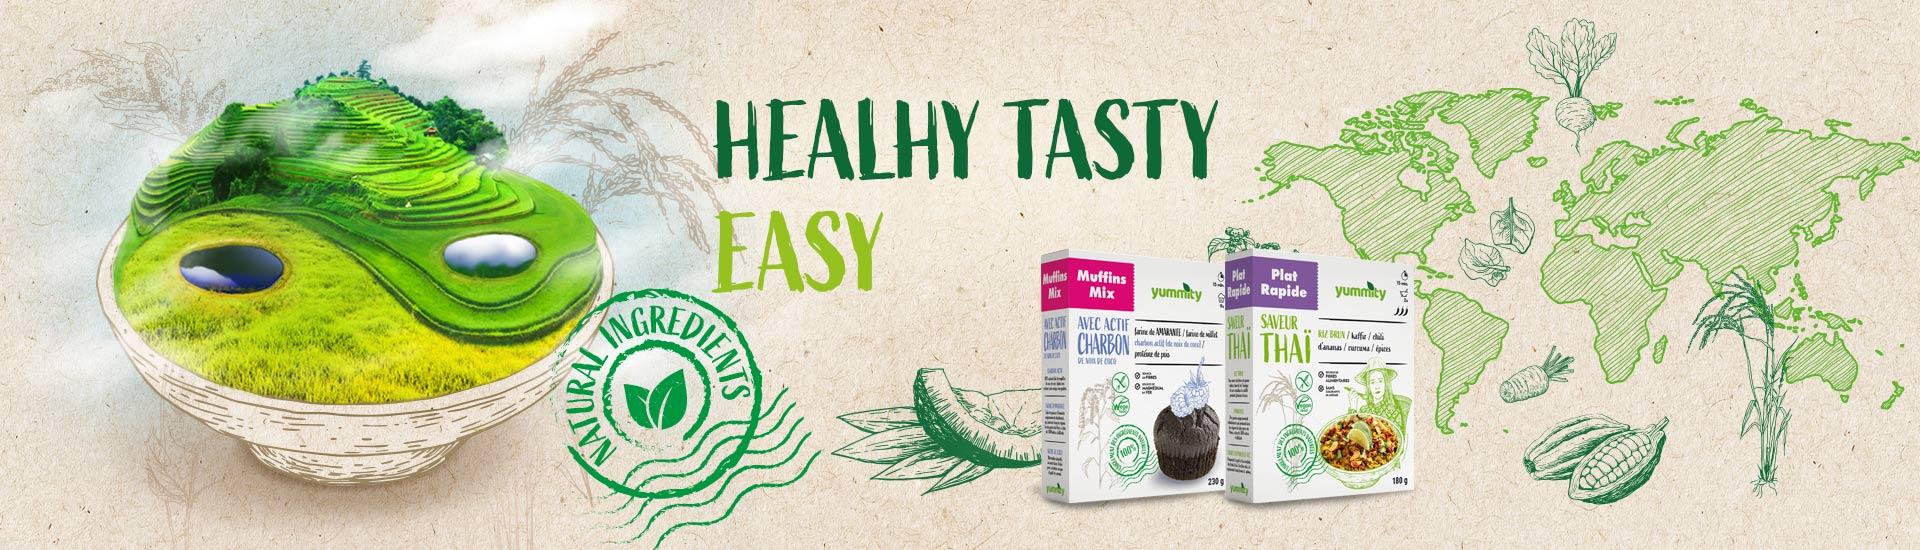 Healthy_tasty_easy_yummity